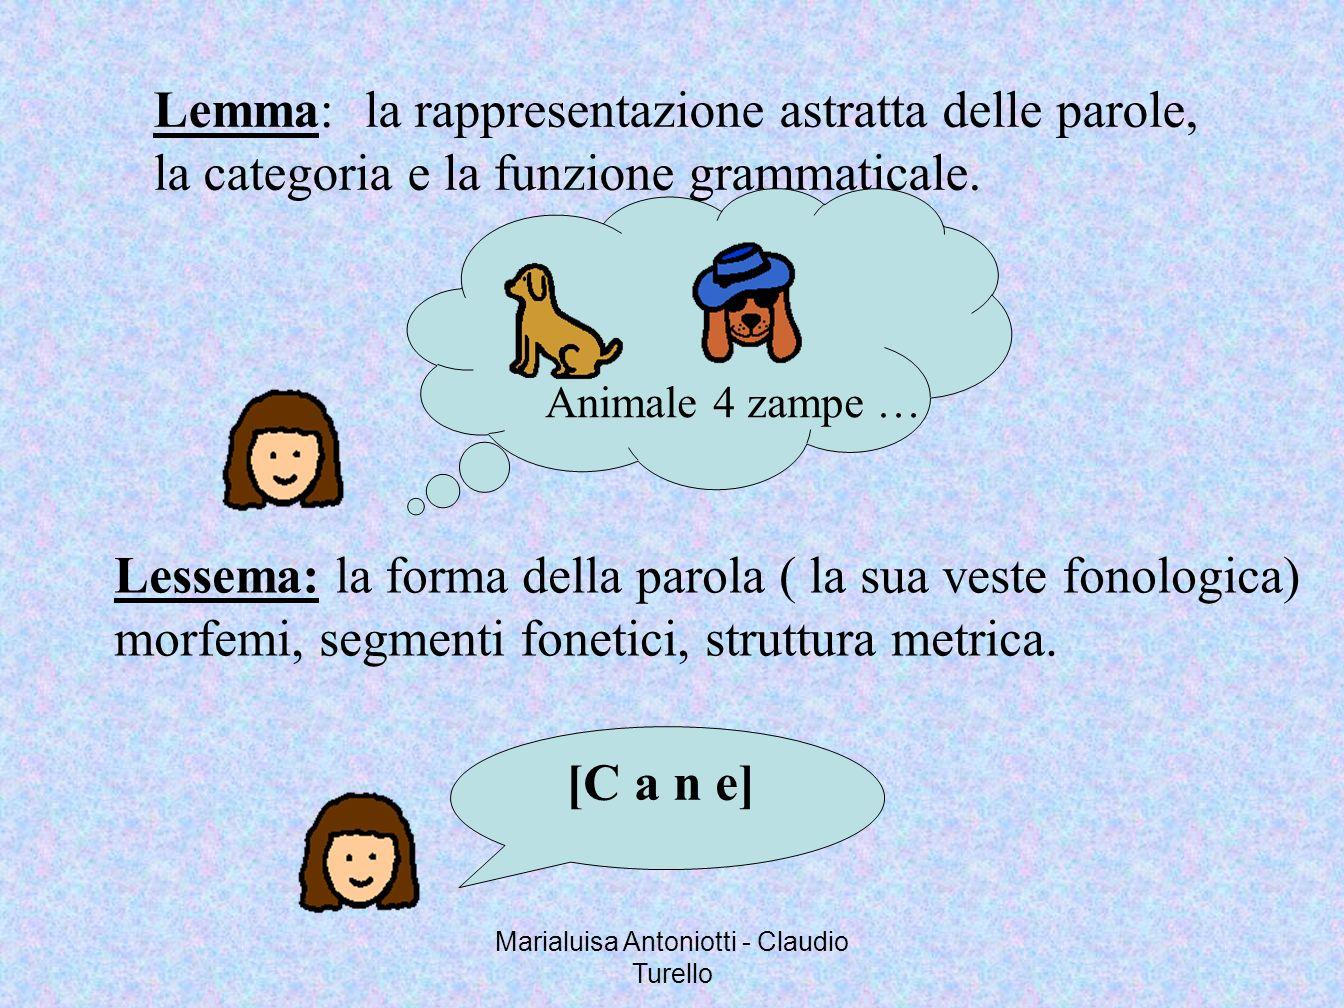 Marialuisa Antoniotti - Claudio Turello Lemma: la rappresentazione astratta delle parole, la categoria e la funzione grammaticale. Animale 4 zampe … L